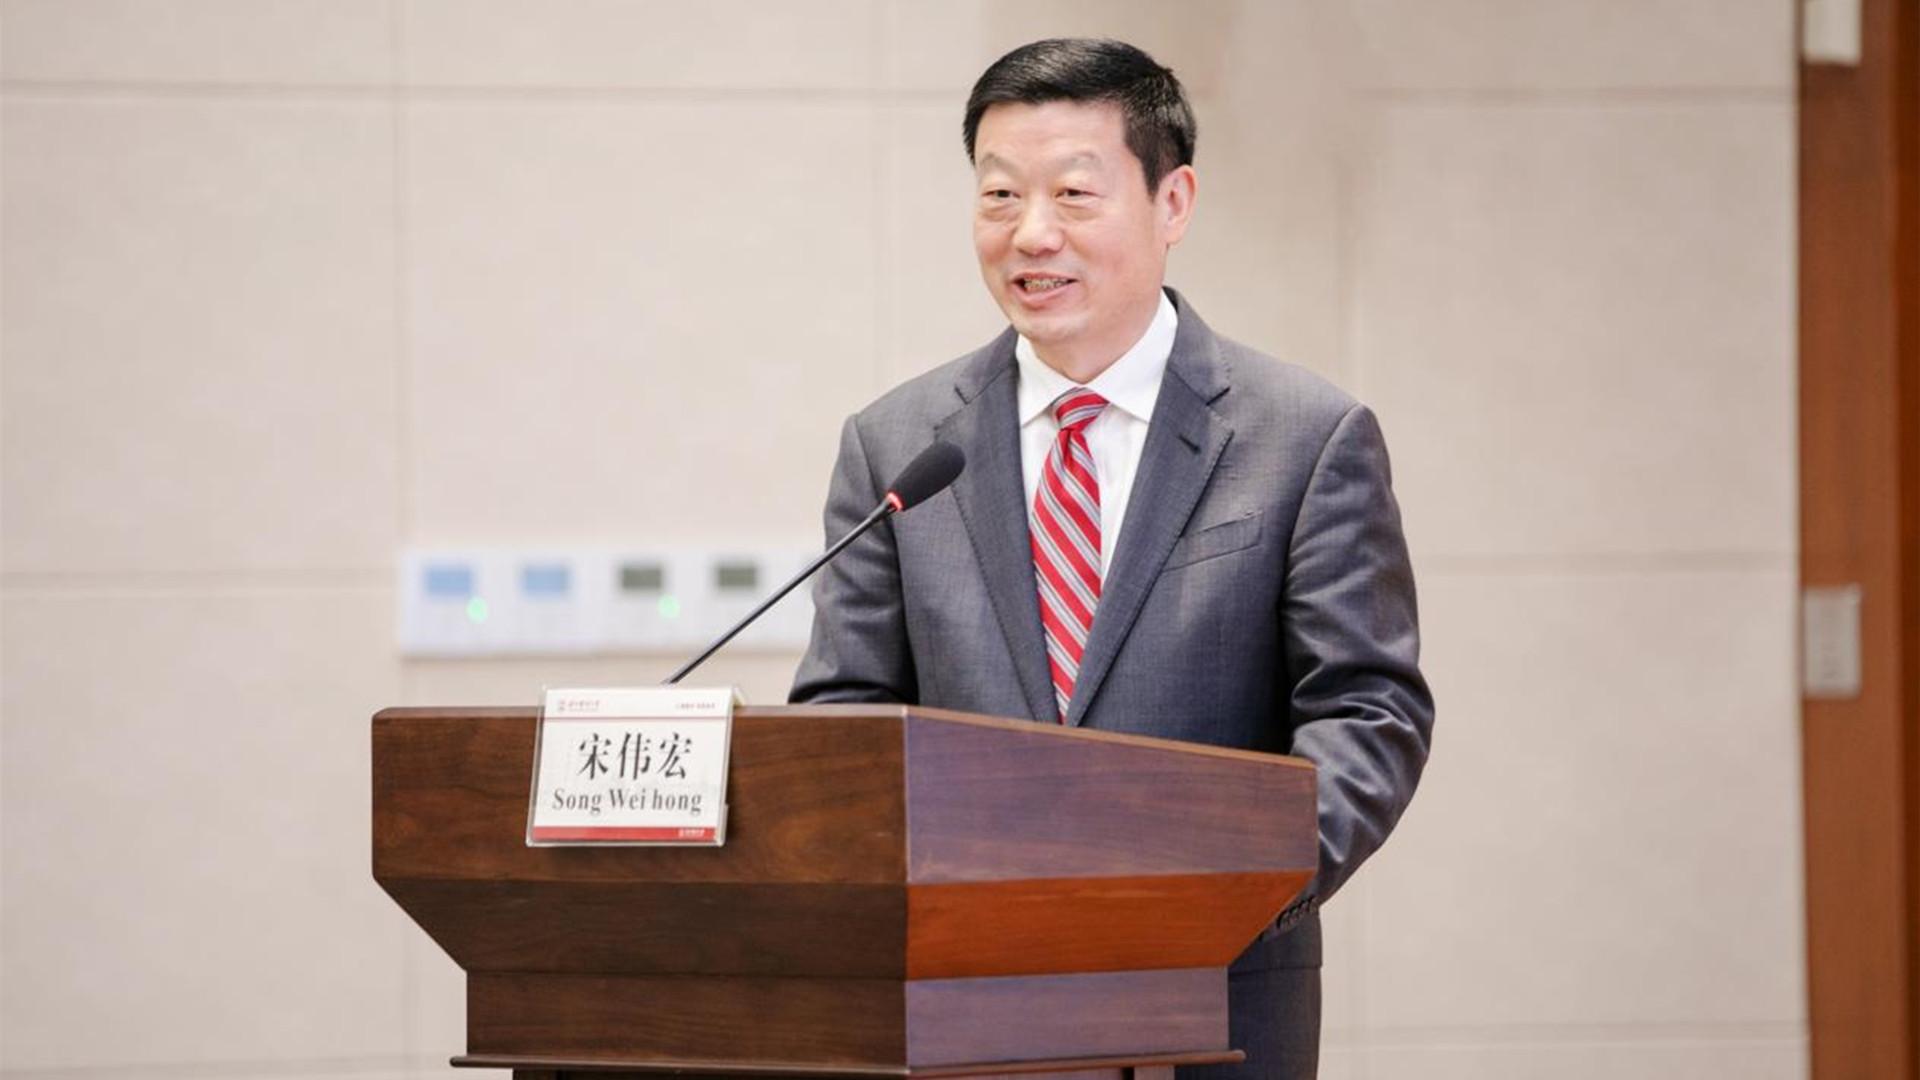 宋伟宏:科研创新的关键是建立一个鼓励创新的环境